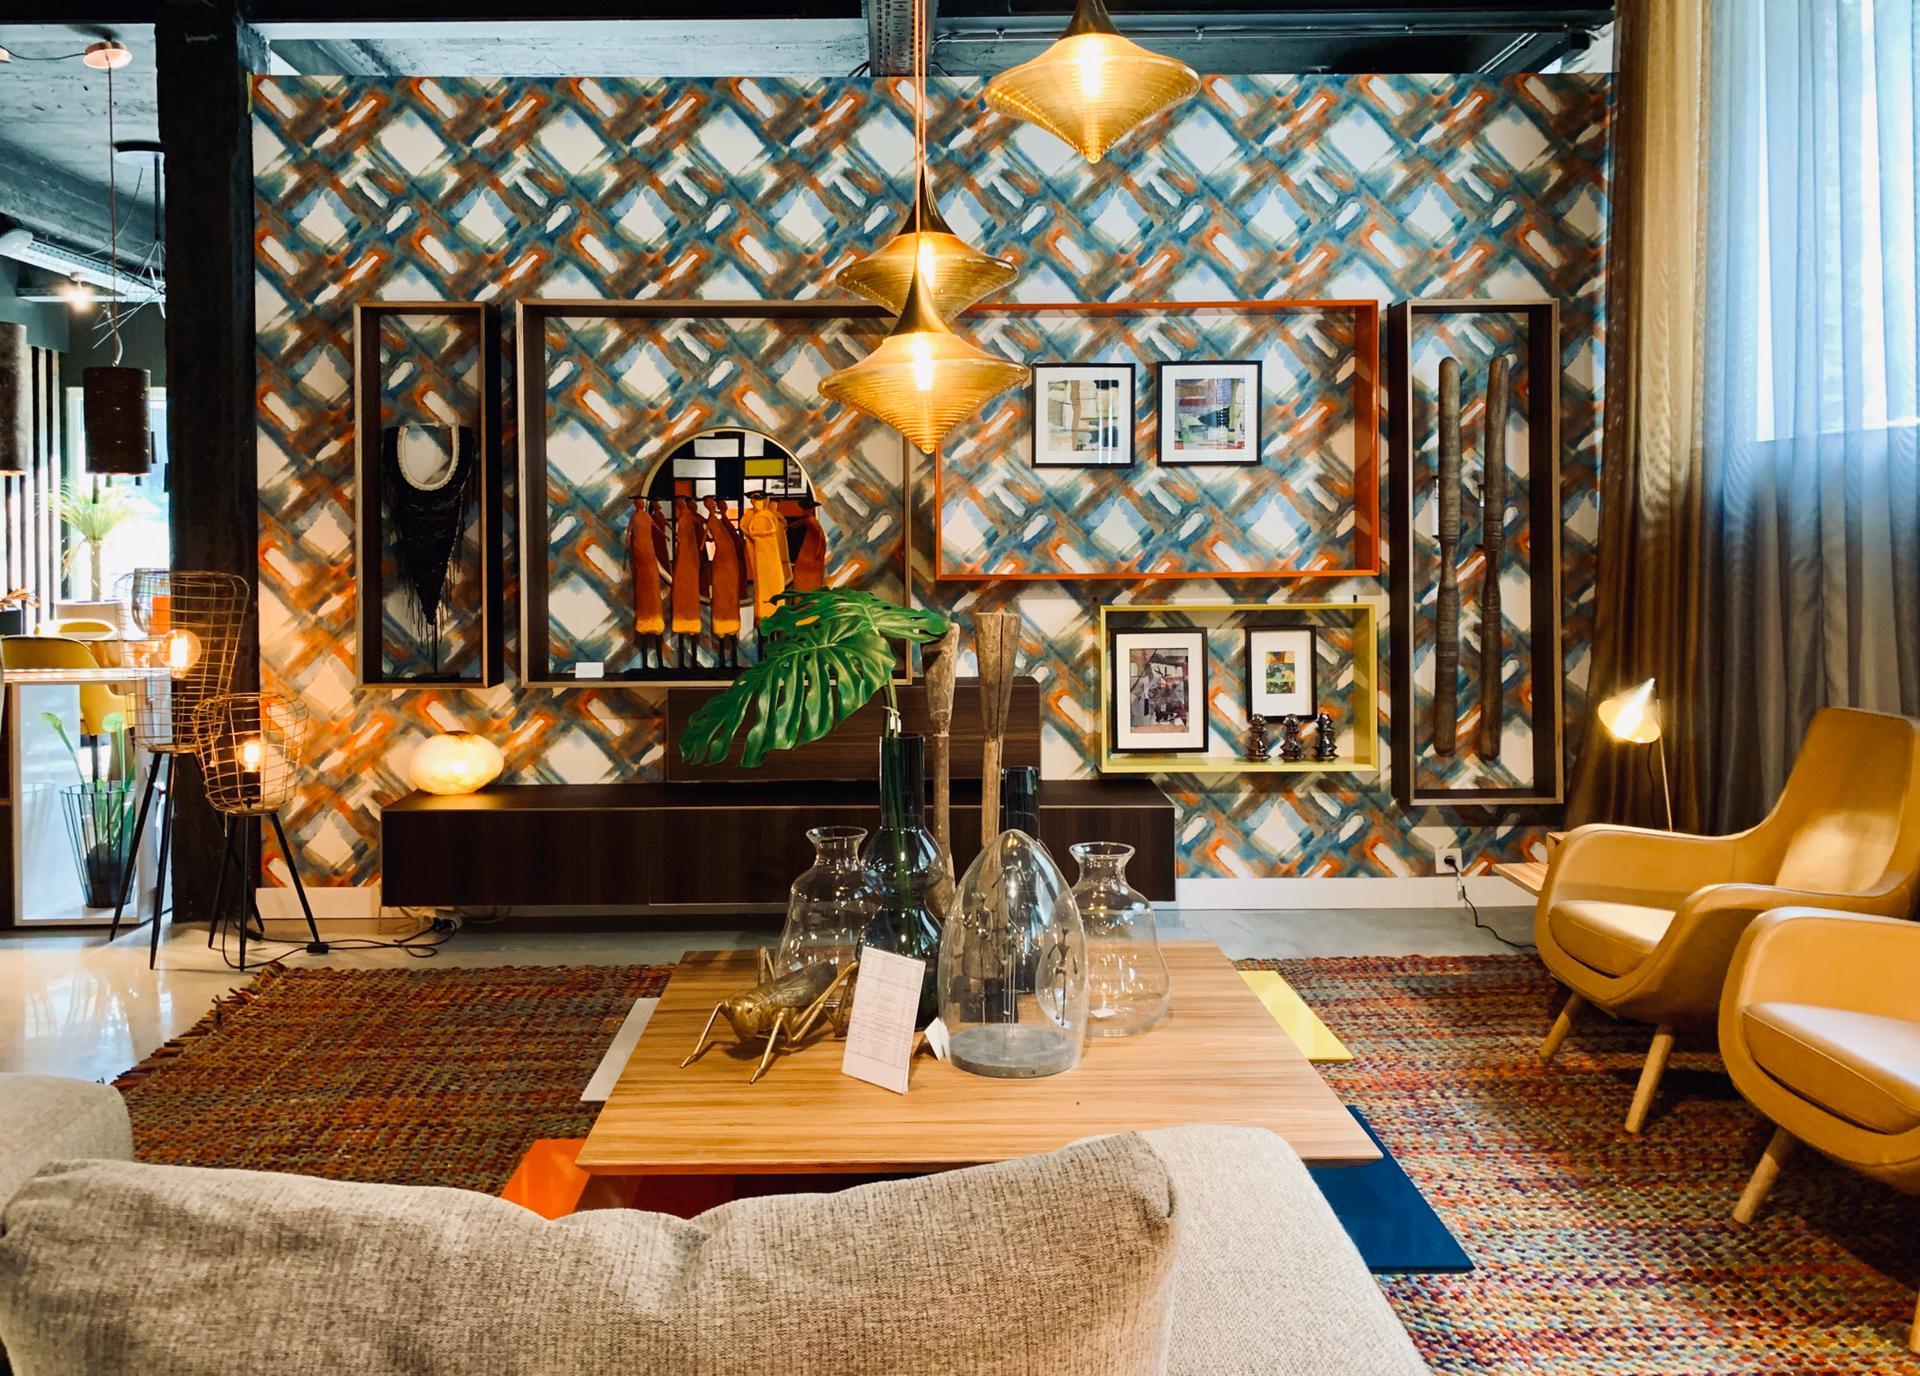 magasins de décoration, inspiration déco vintage, salon décoré, JN interiors, jour et nuit liège